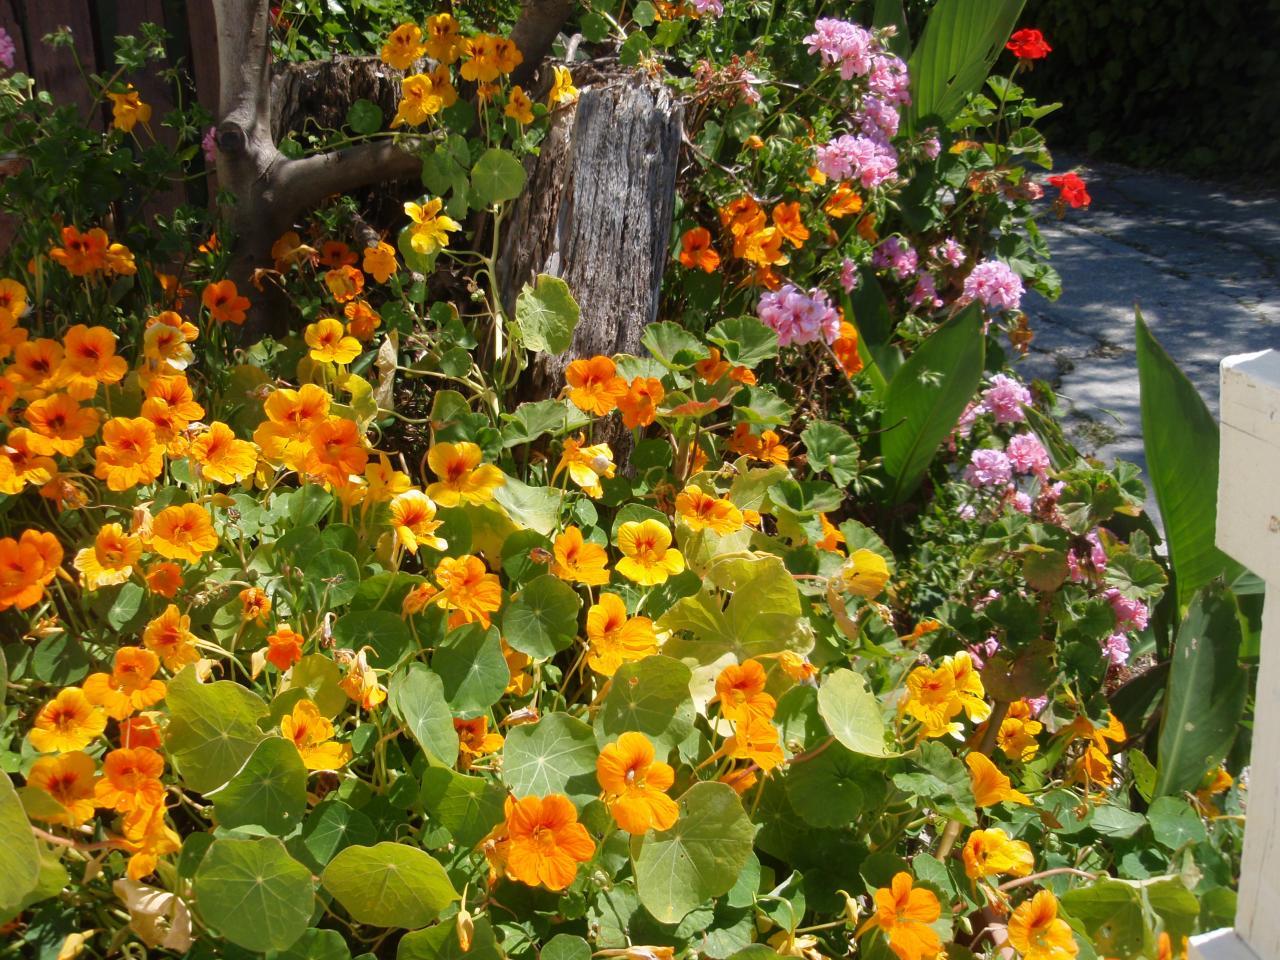 Capucines/geraniums sauvages